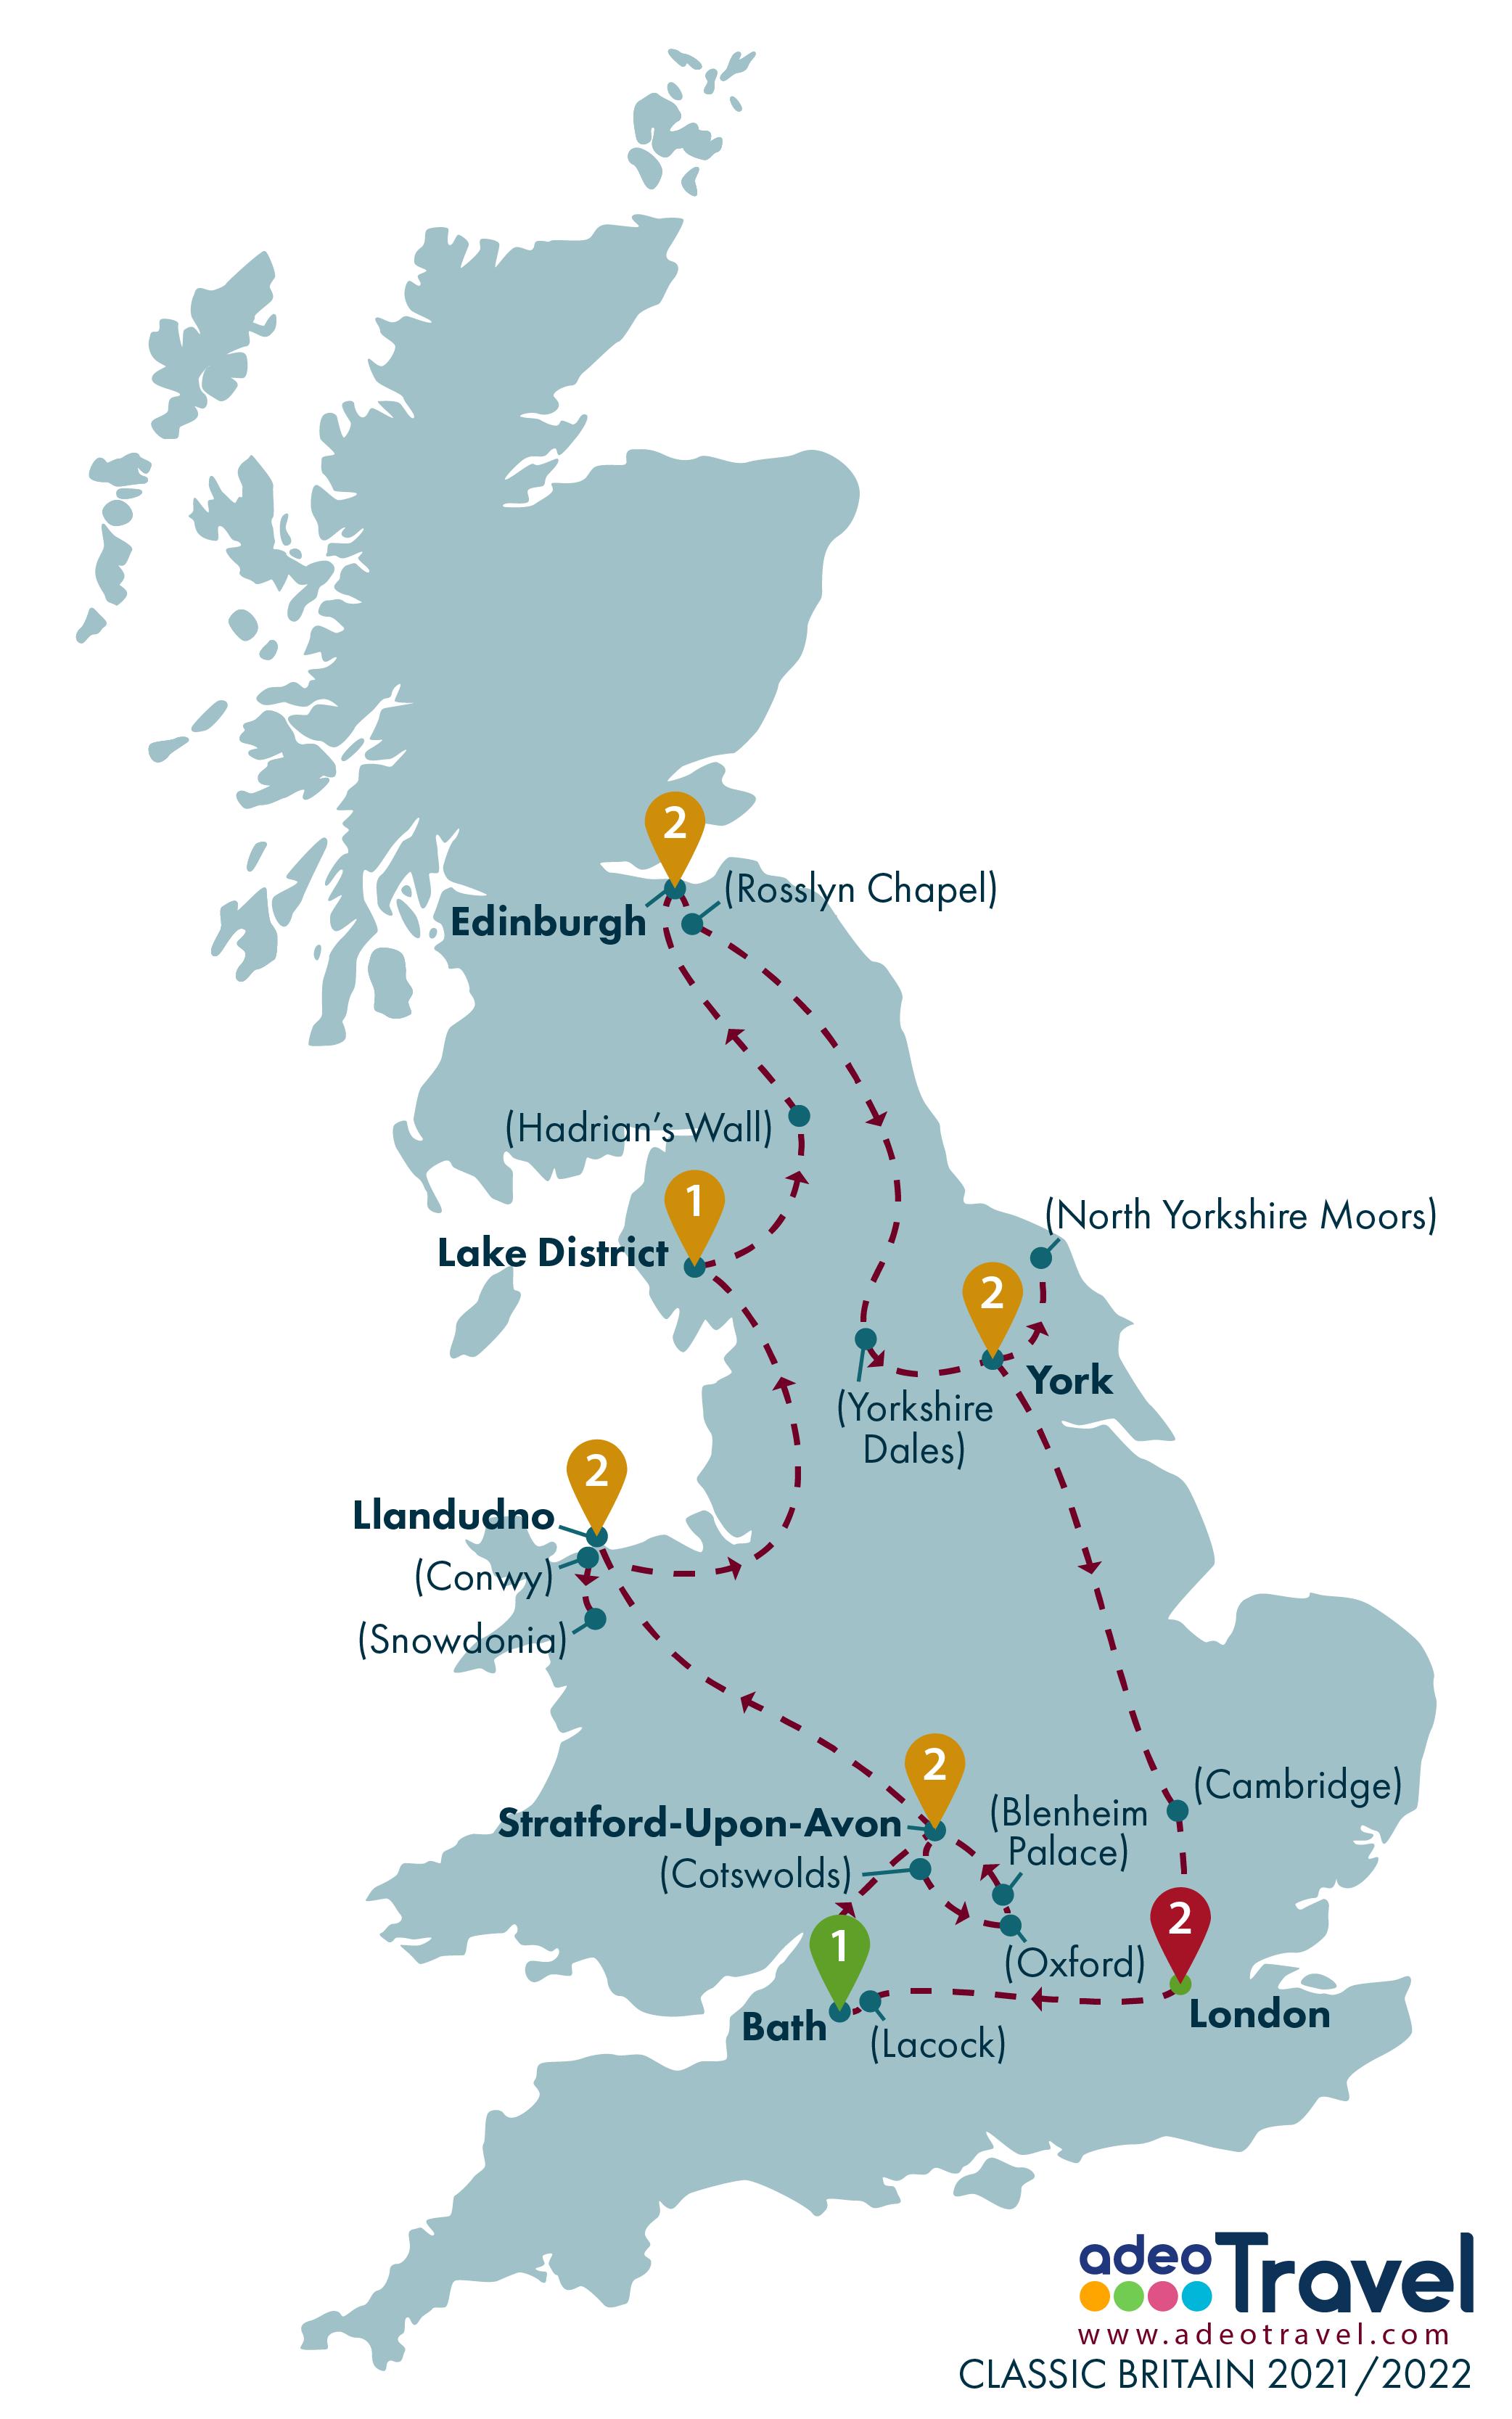 Map - Classic Britain 2021 2022